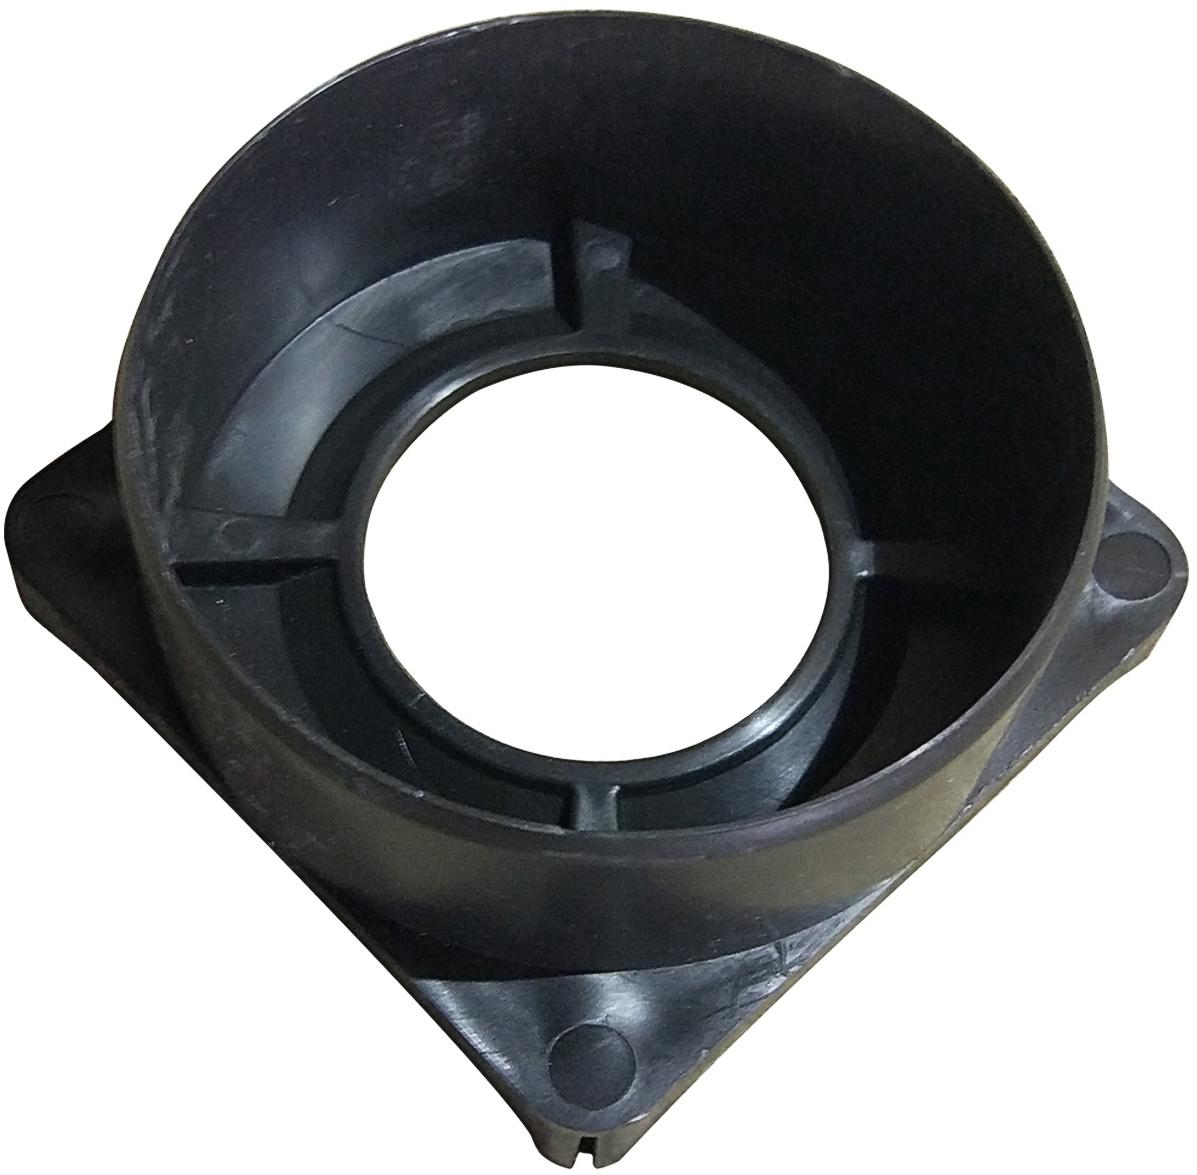 Патрубок пластиковый с выпускным диаметром ДУ110. Устанавливается на лоток снизу в нужную секцию для подключения трубного вертикального выпуска из лотка, после прорезания дна пластикового канала.